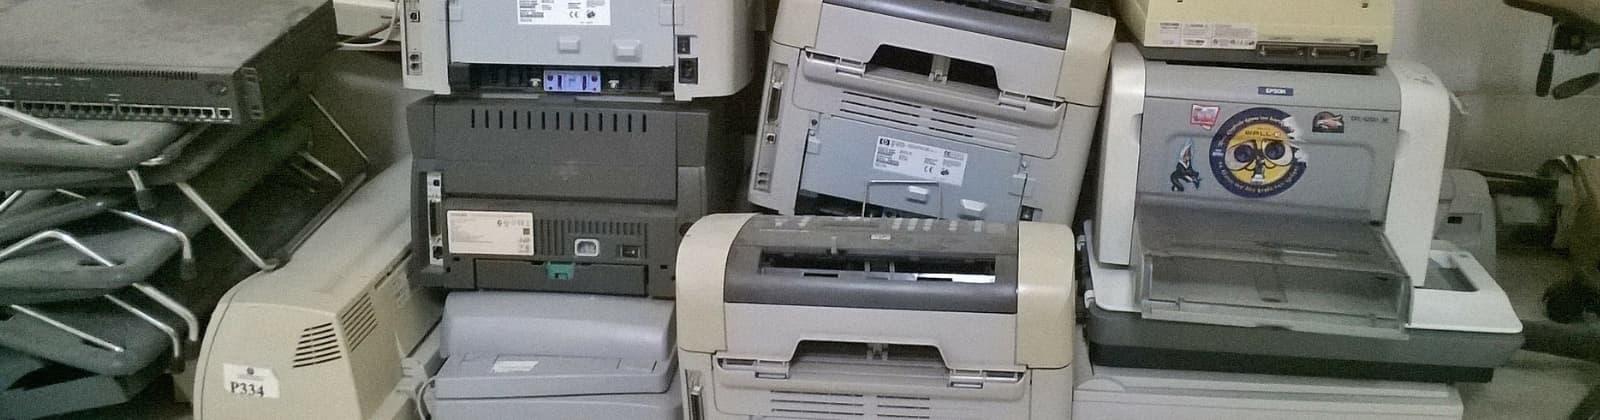 618a671f2d Epson szervíz | Epson, HP, Canon, Brother és Samsung nyomtatójavító ...